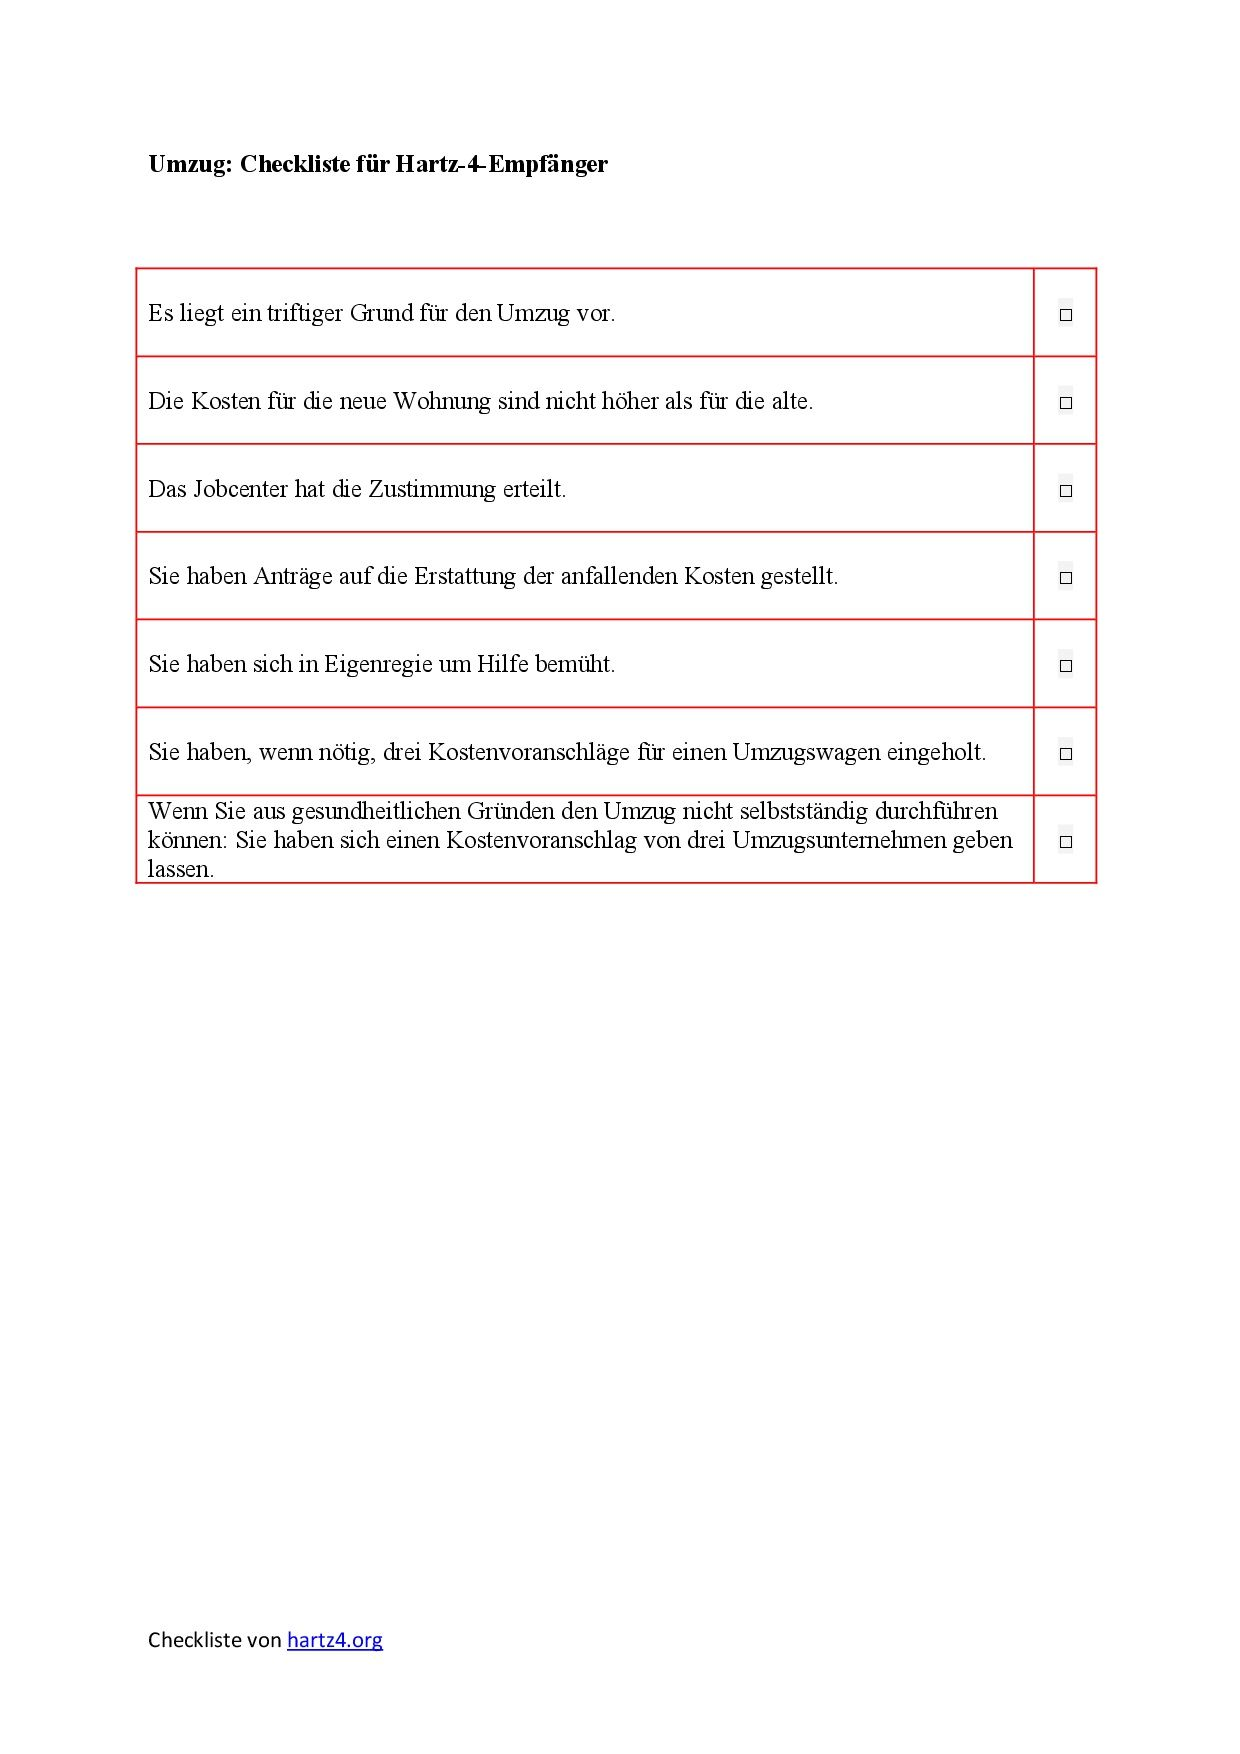 Hartz 4 Antrag Muster Fur Alle Belange Hartz Iv Alg 2 Lebenslauf Download Lebenslauf Muster Umzug Checkliste